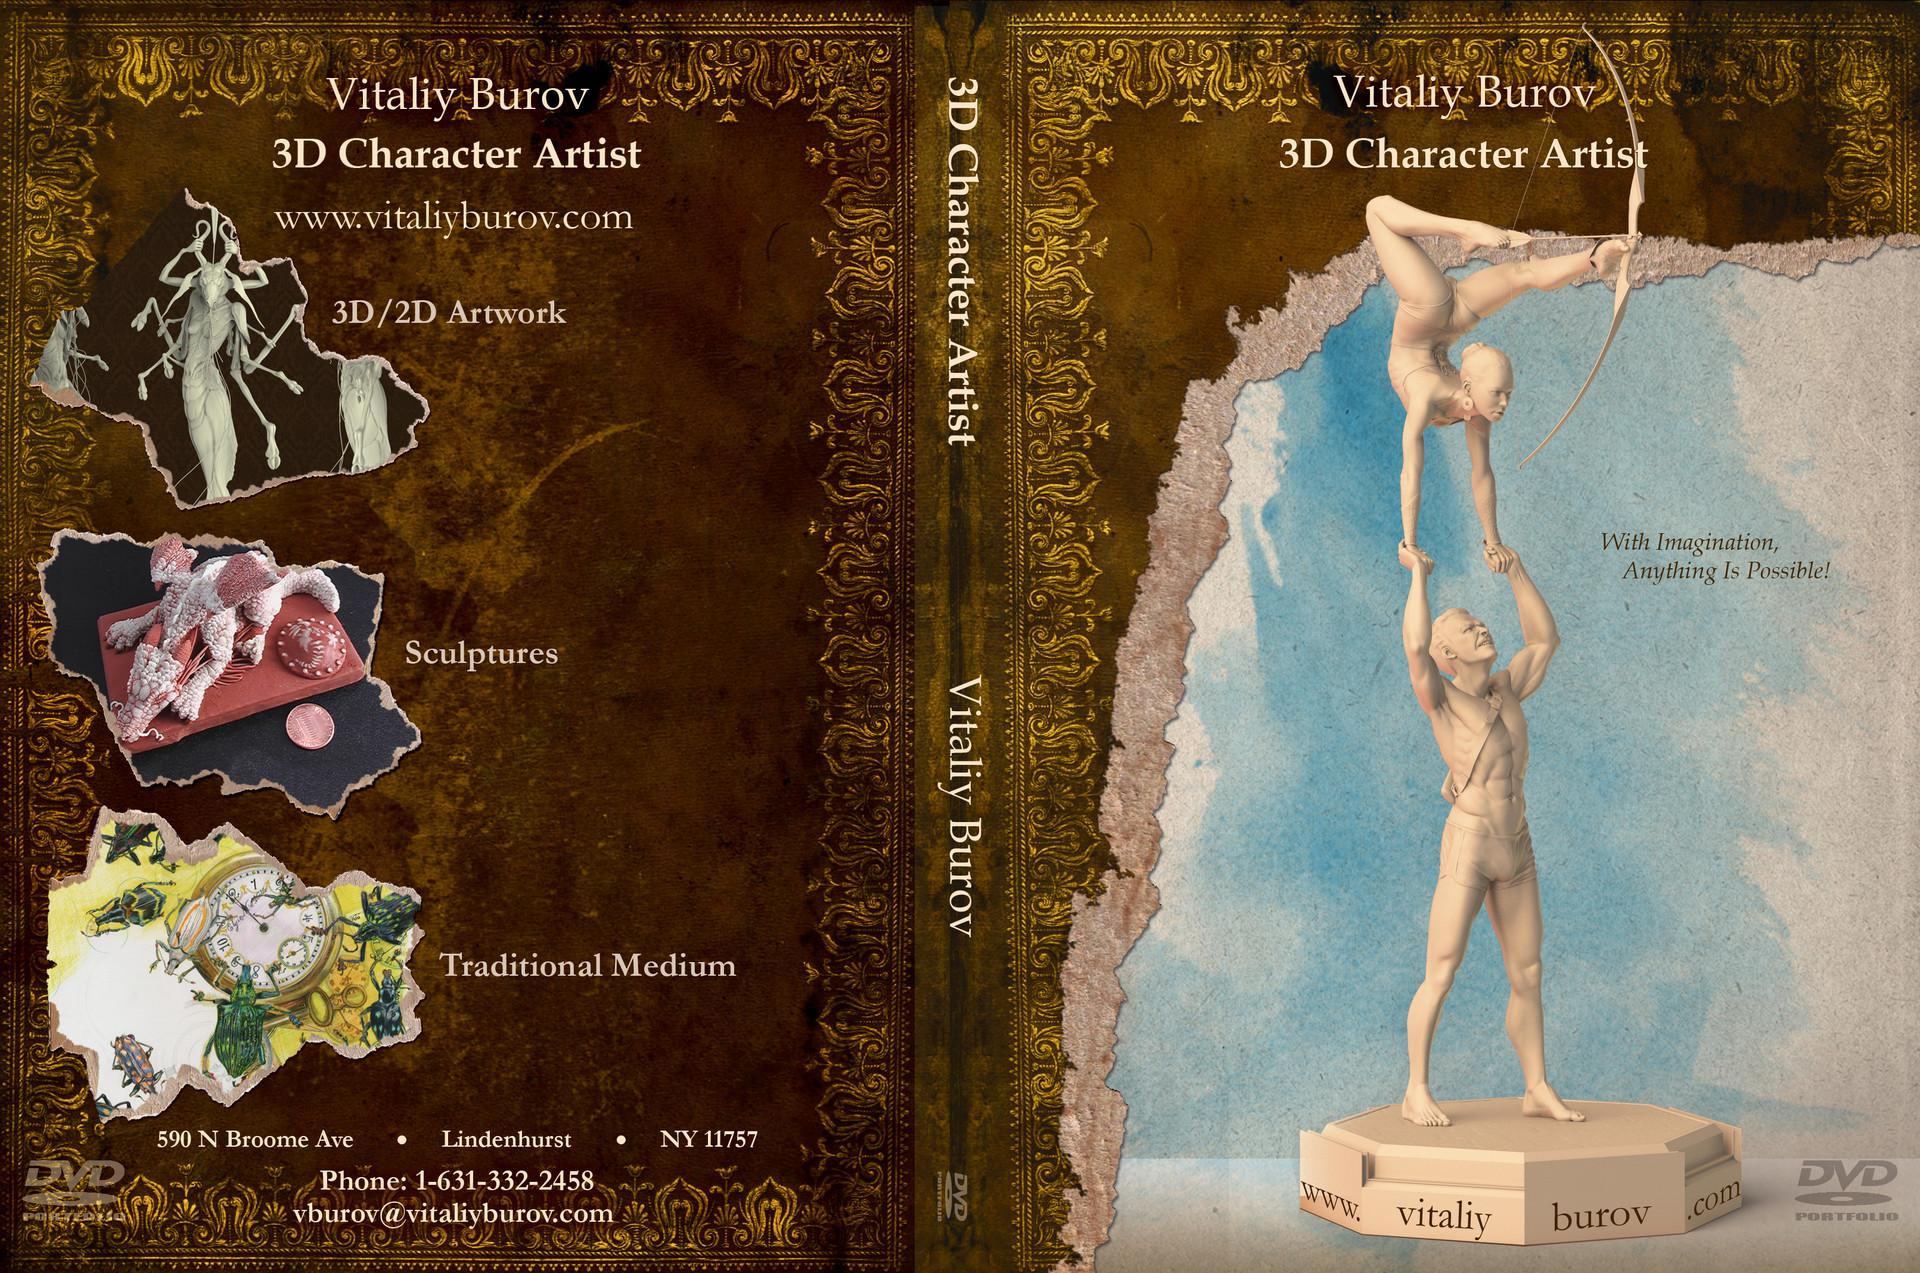 Vitaliy burov dvdcover 2012 2